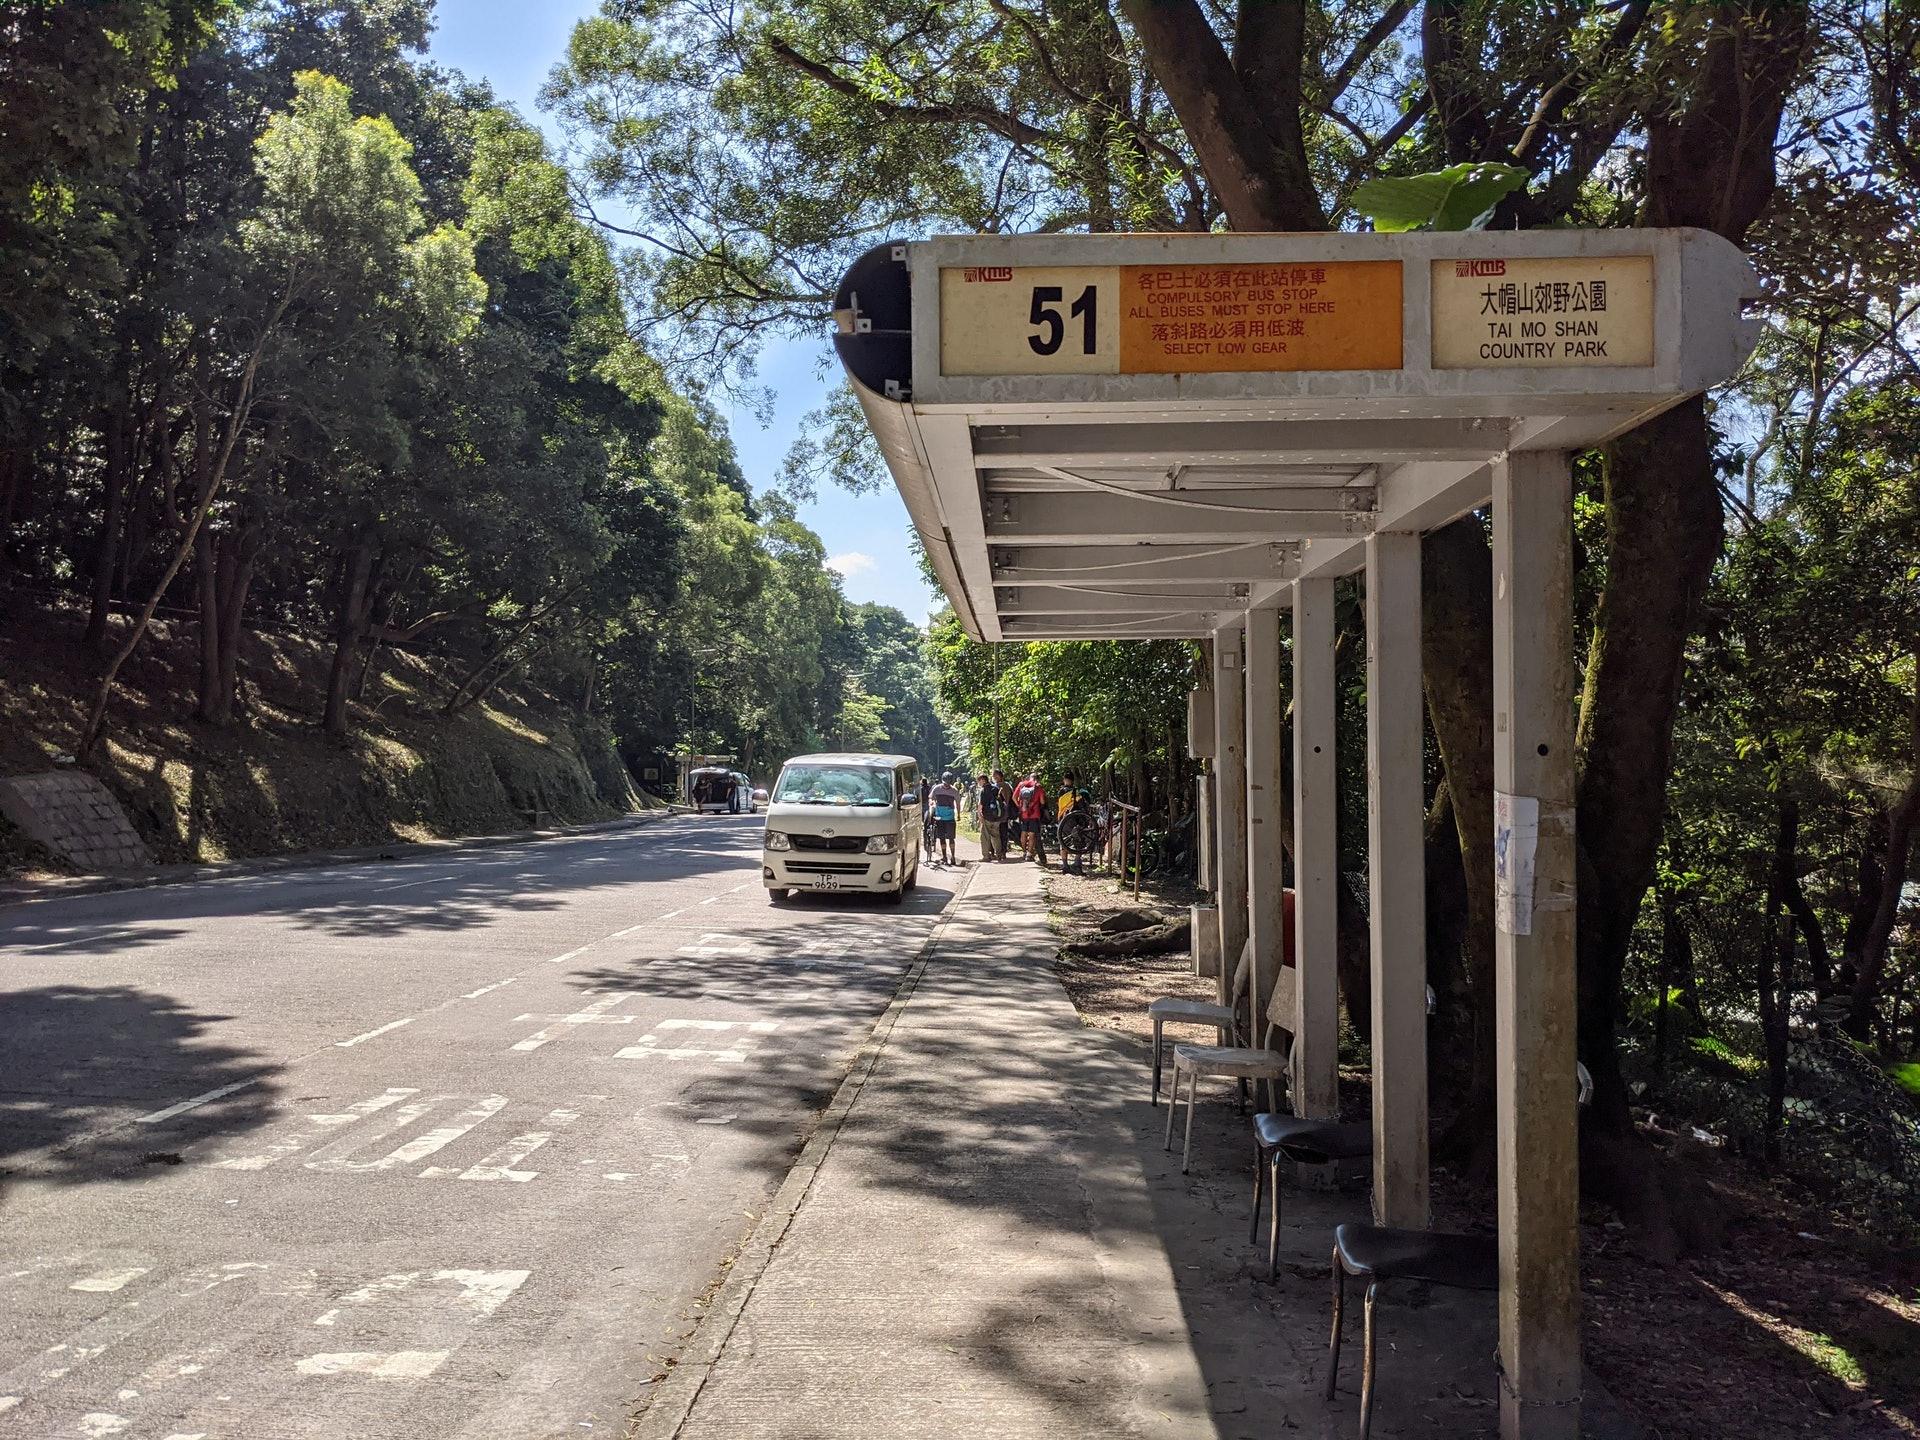 乘搭51號巴士由荃灣西到大帽山郊野公園只需約20分鐘,下車後便走回頭。(李琬瑩攝)